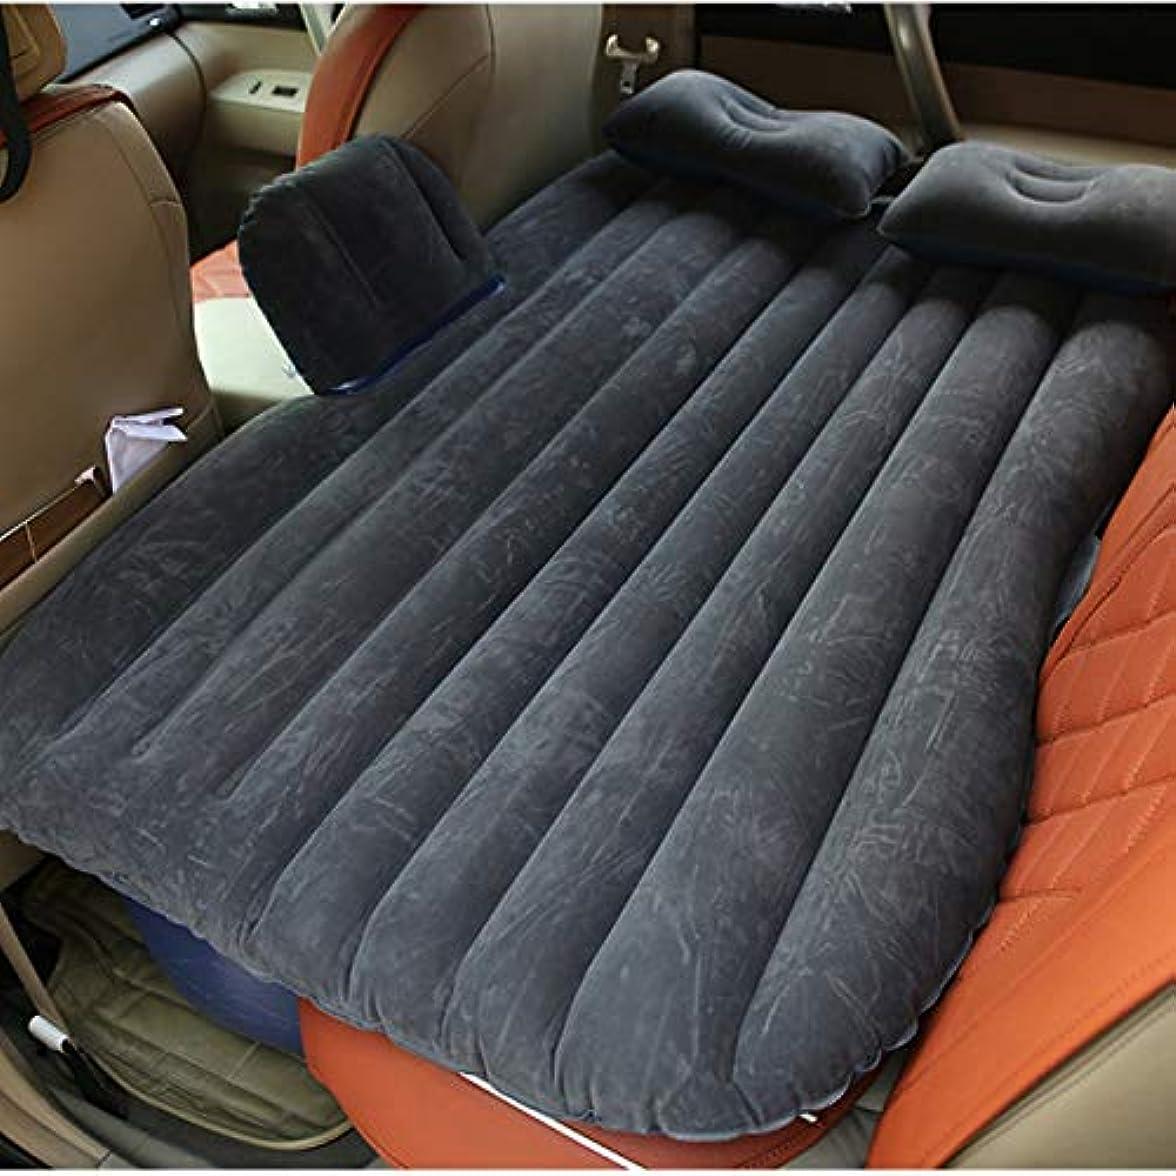 任意マニア石炭Saikogoods 車内用大型耐久性に優れたカーバックシートカバーカーエアマットレス旅行ベッド防湿インフレータブルマットレスエアーベッド 黒